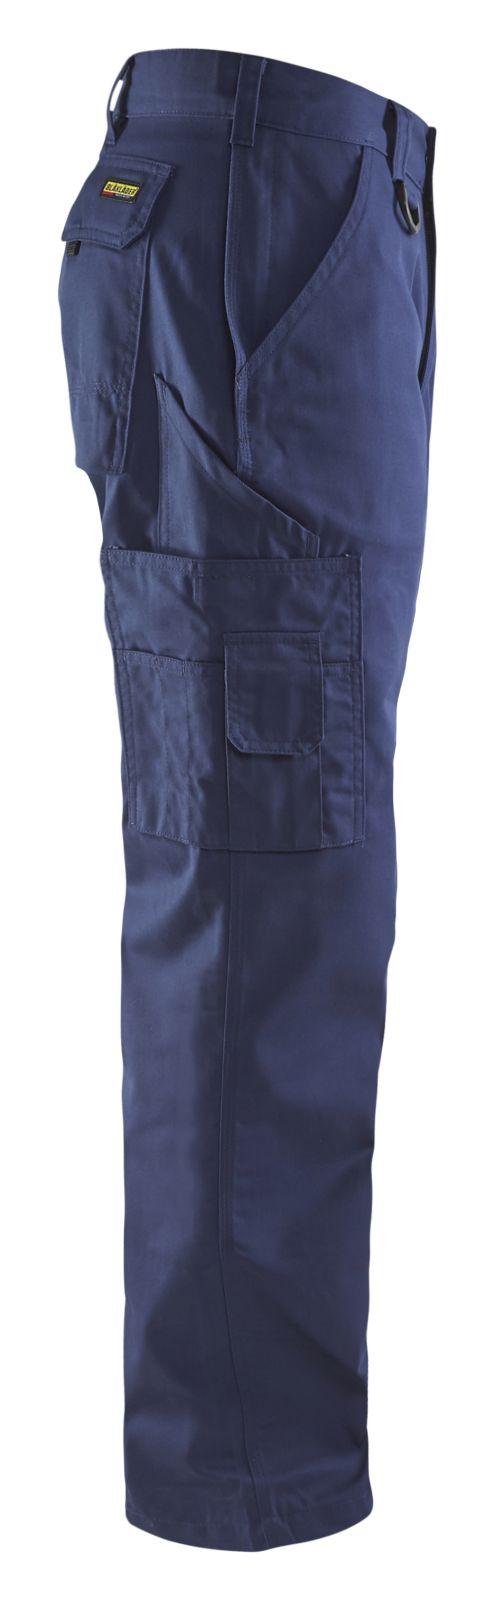 Blaklader Werkbroeken 14071800 marineblauw(8900)